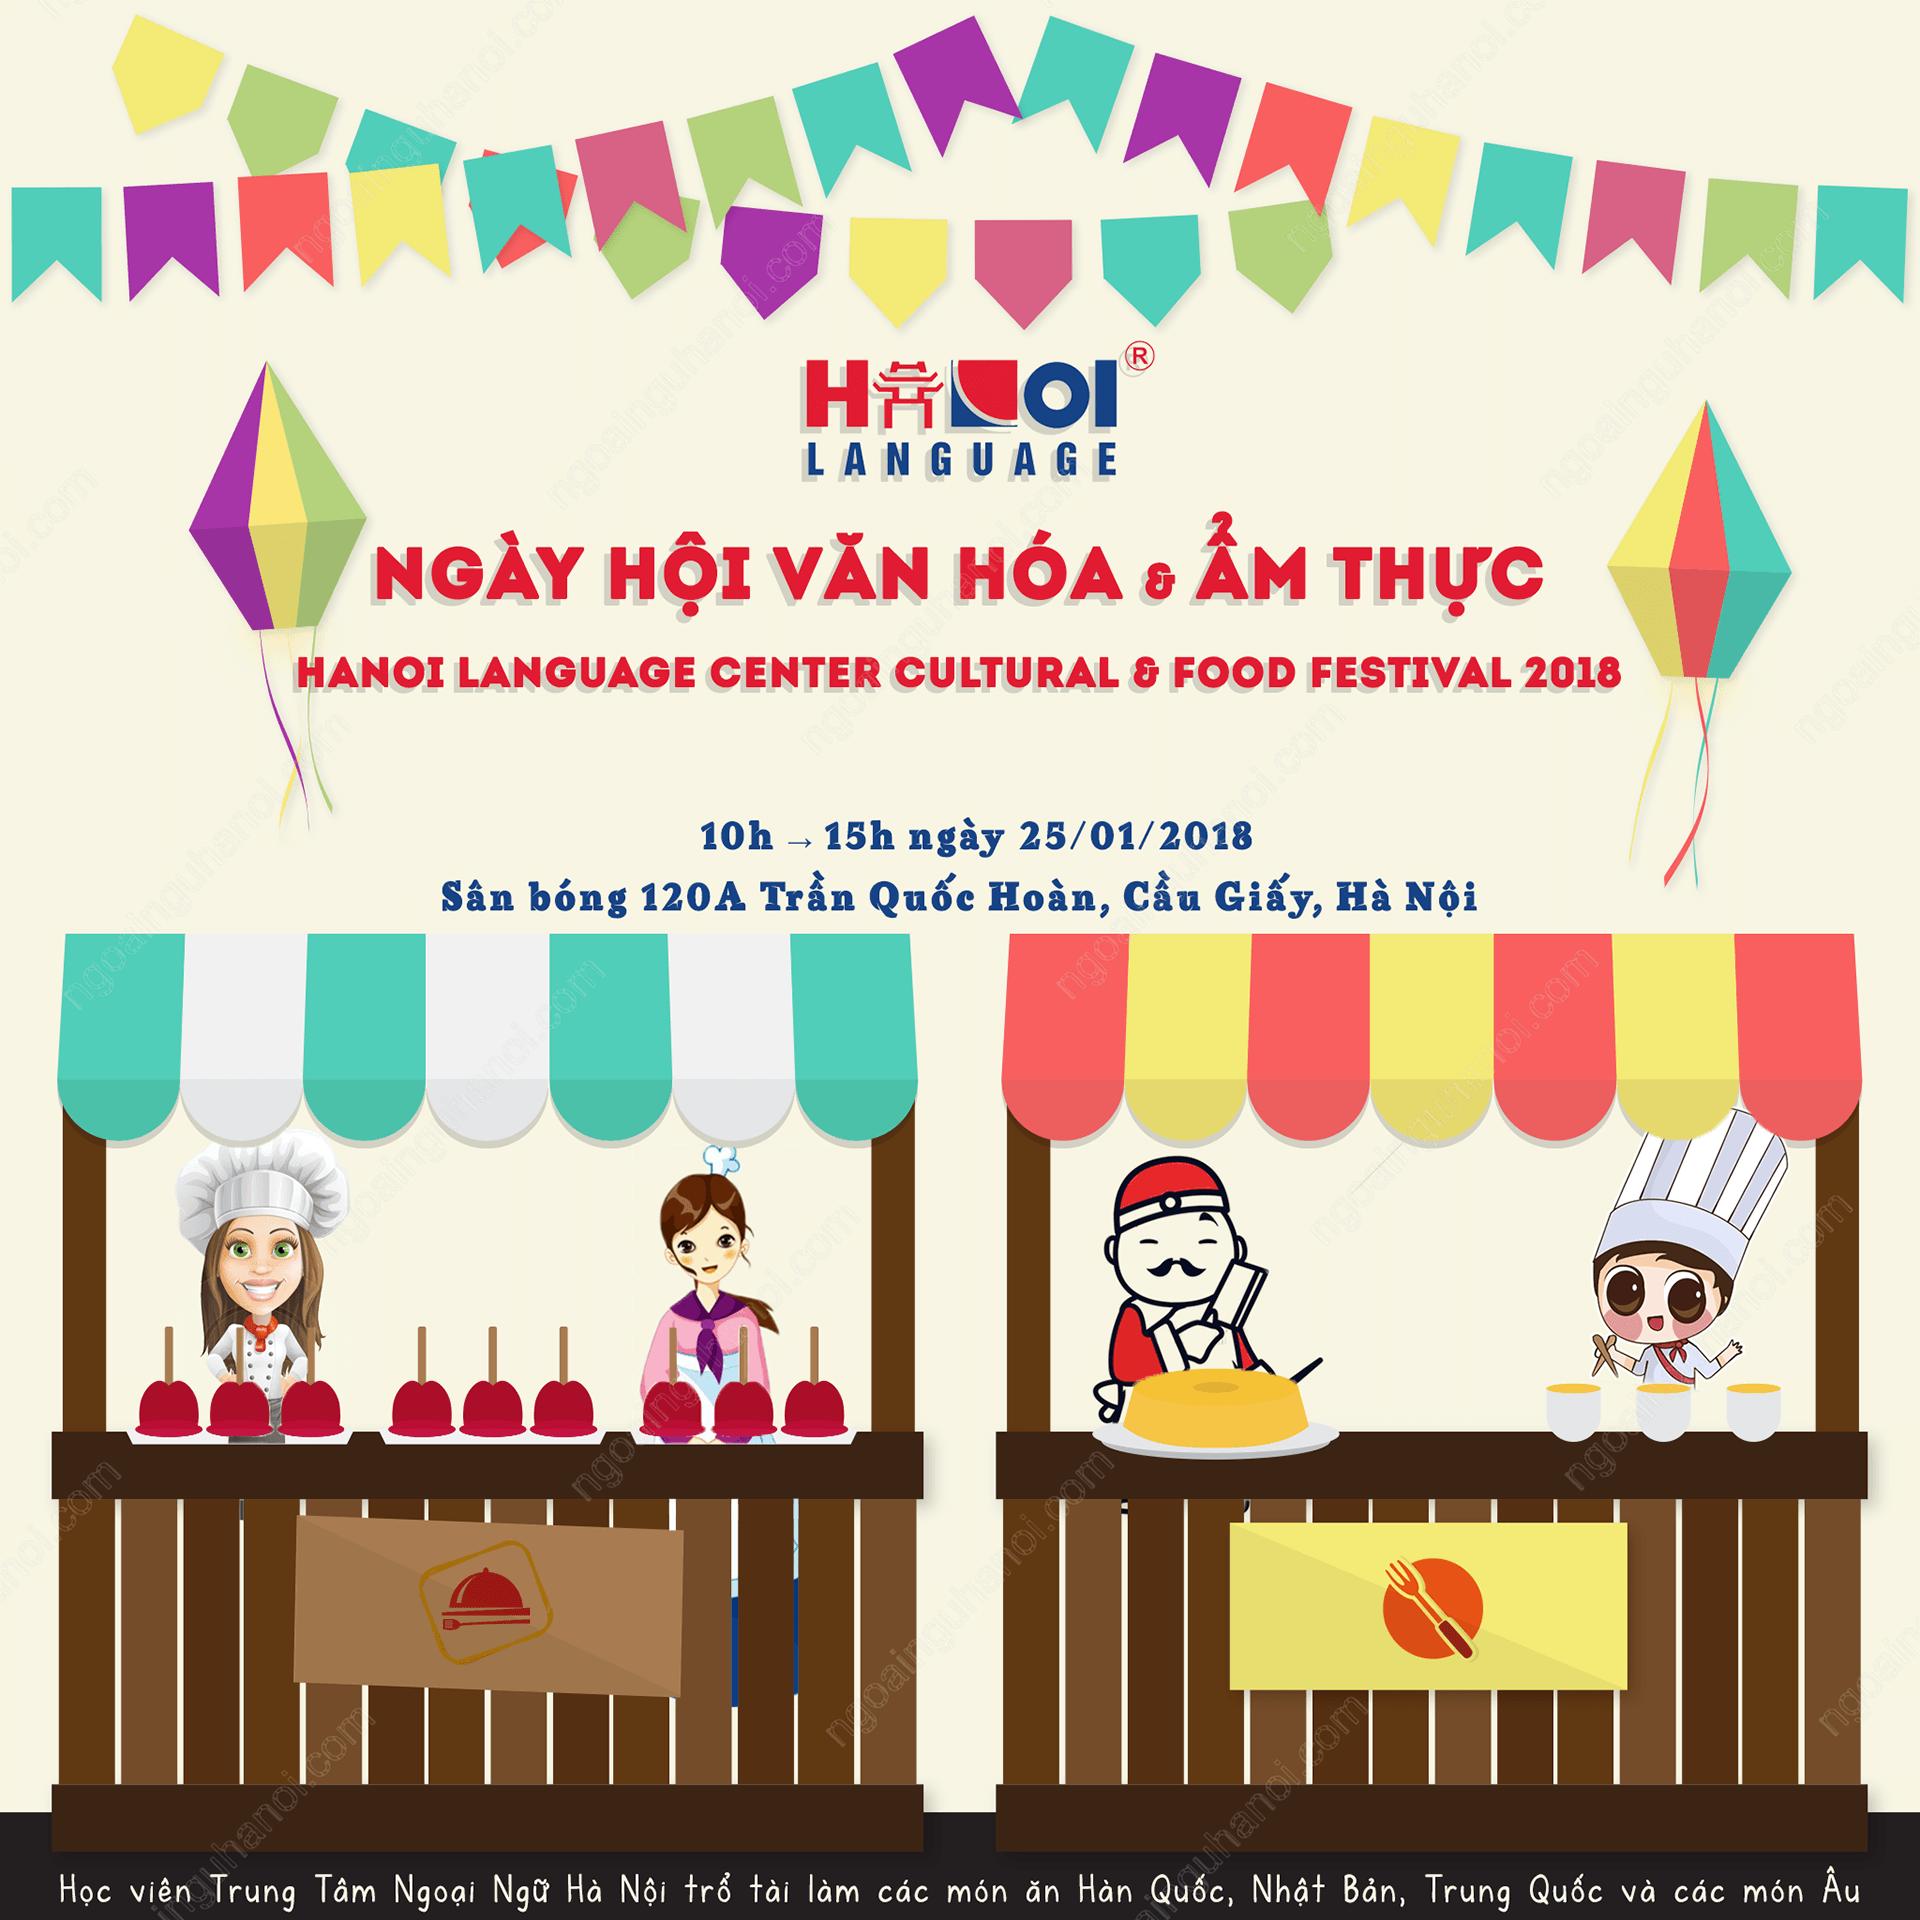 ngay-hoi-van-hoa-am-thuc-ha-noi-language